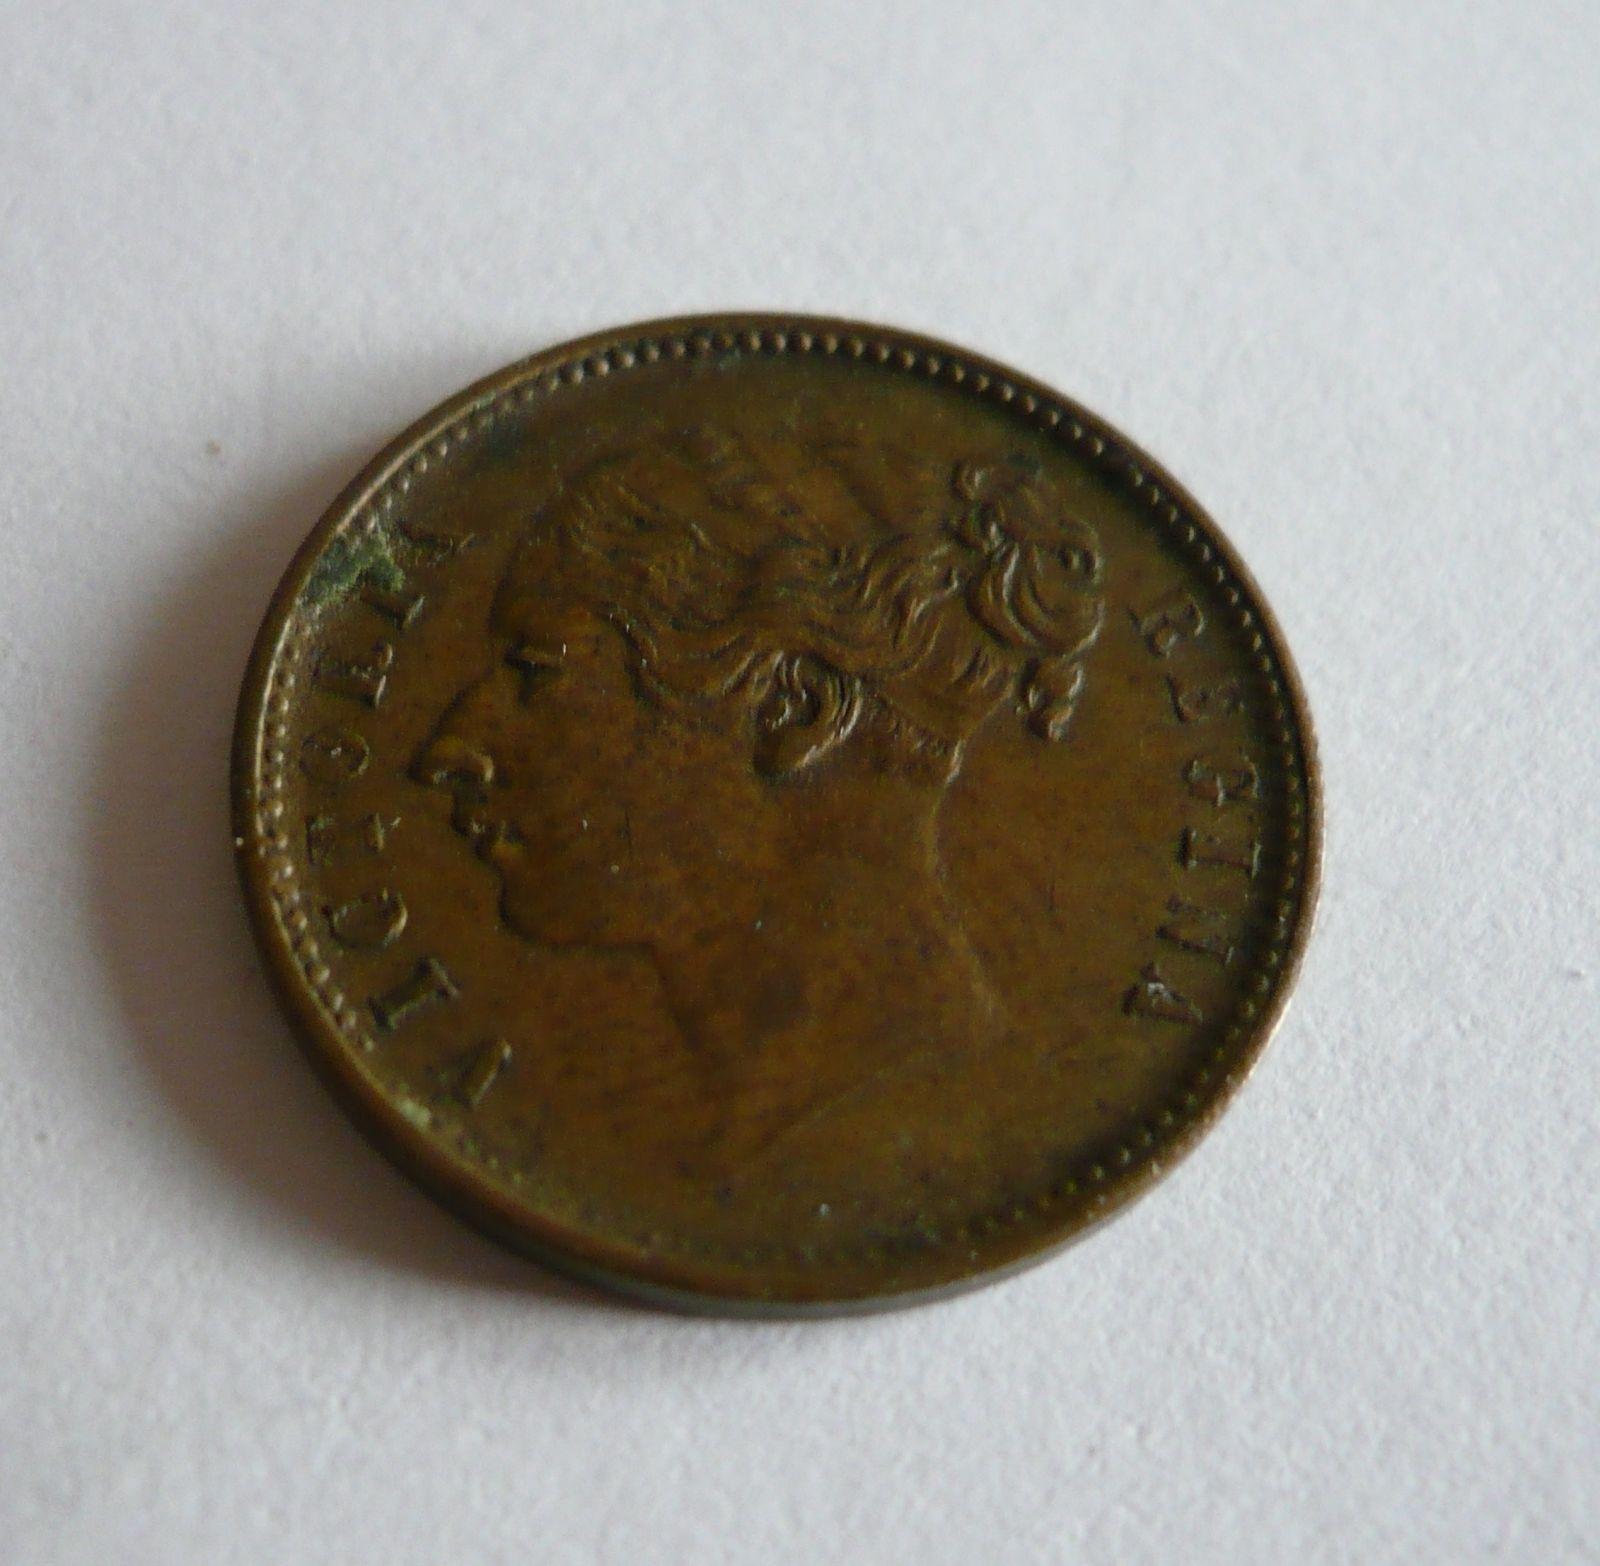 královna Viktorie, žeton, Velká Británie